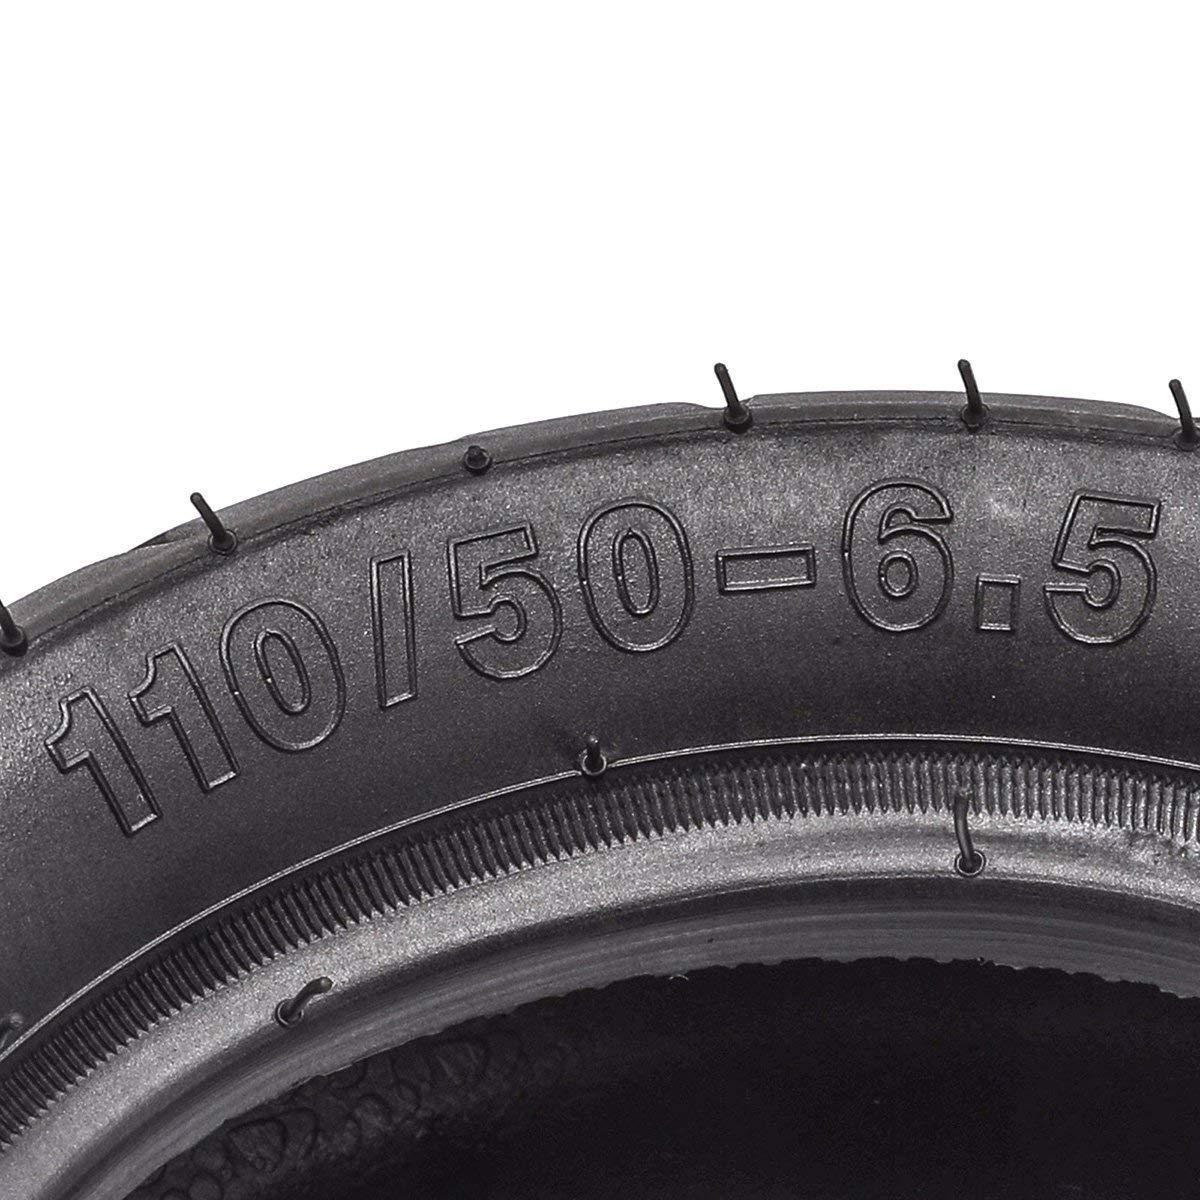 WPHMOTO 2PCS 110//50-6.5 Tire and Inner Tube for 38cc 47cc 49cc Mini Pocket Bike Dirt Pit Bikes